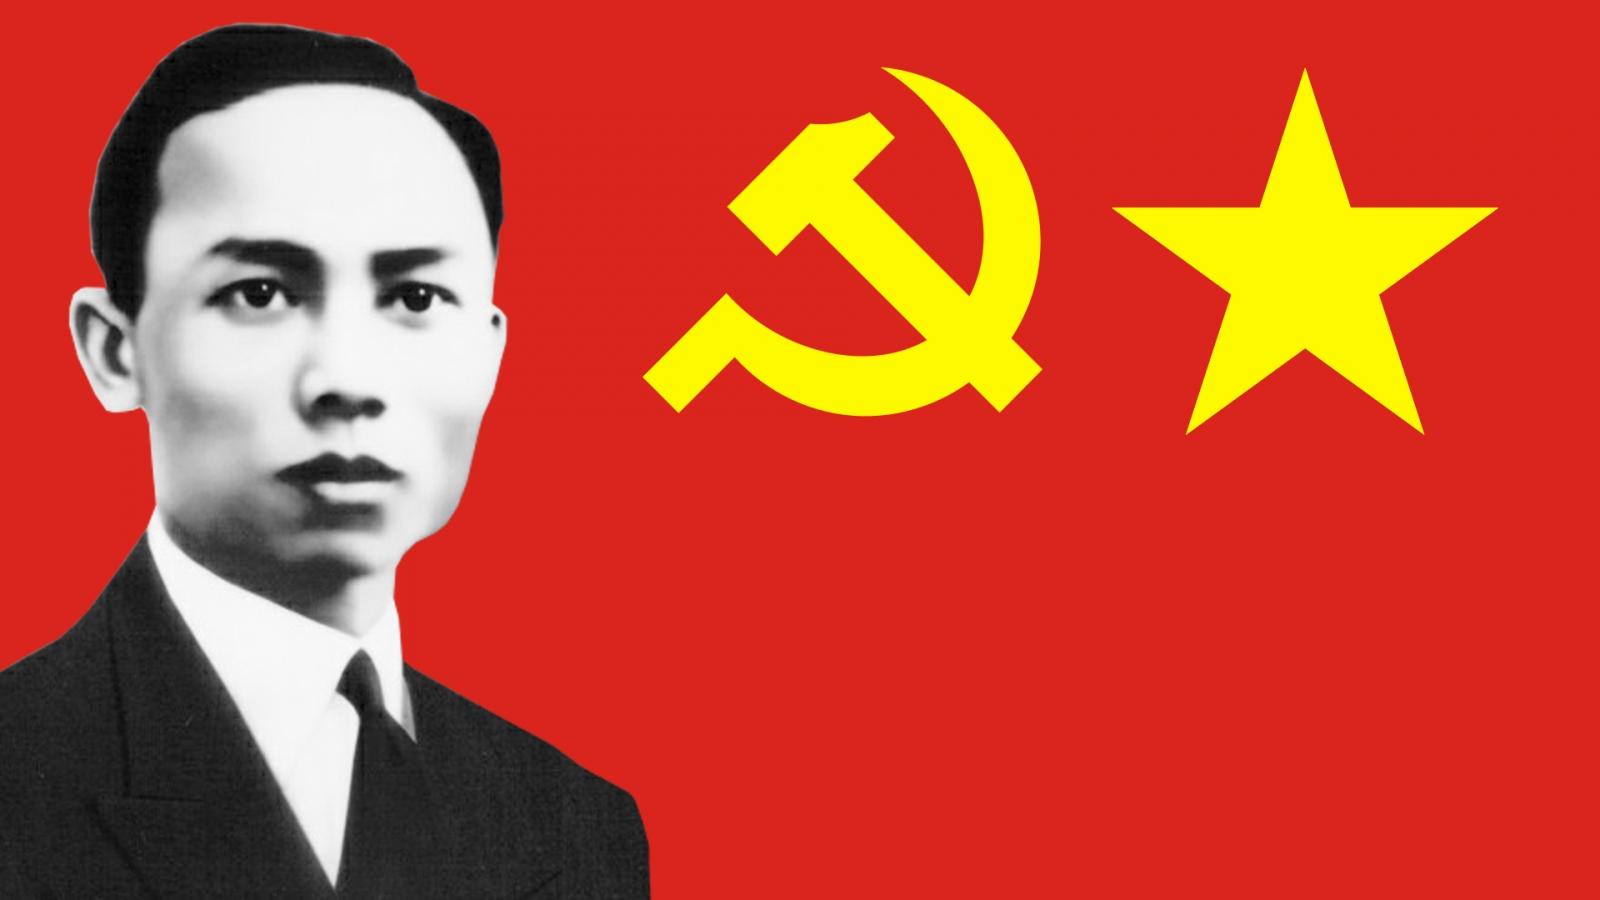 Tổng Bí thư Lê Hồng Phong - người Cộng sản kiên cường